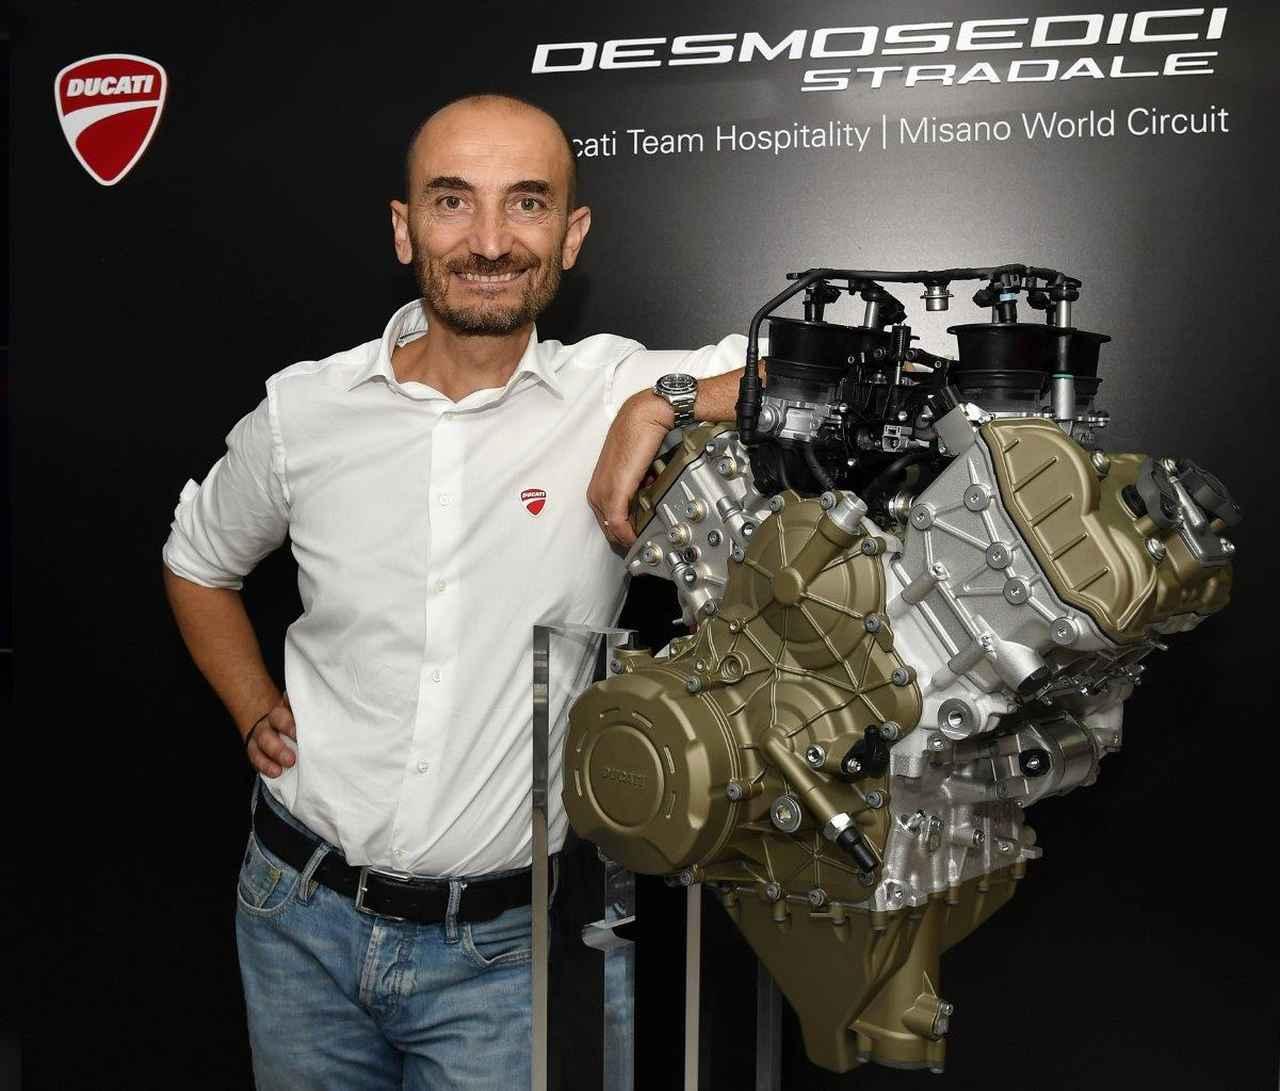 画像6: 11月にV4エンジンを搭載した新型ドゥカティ・パニガーレを発表!